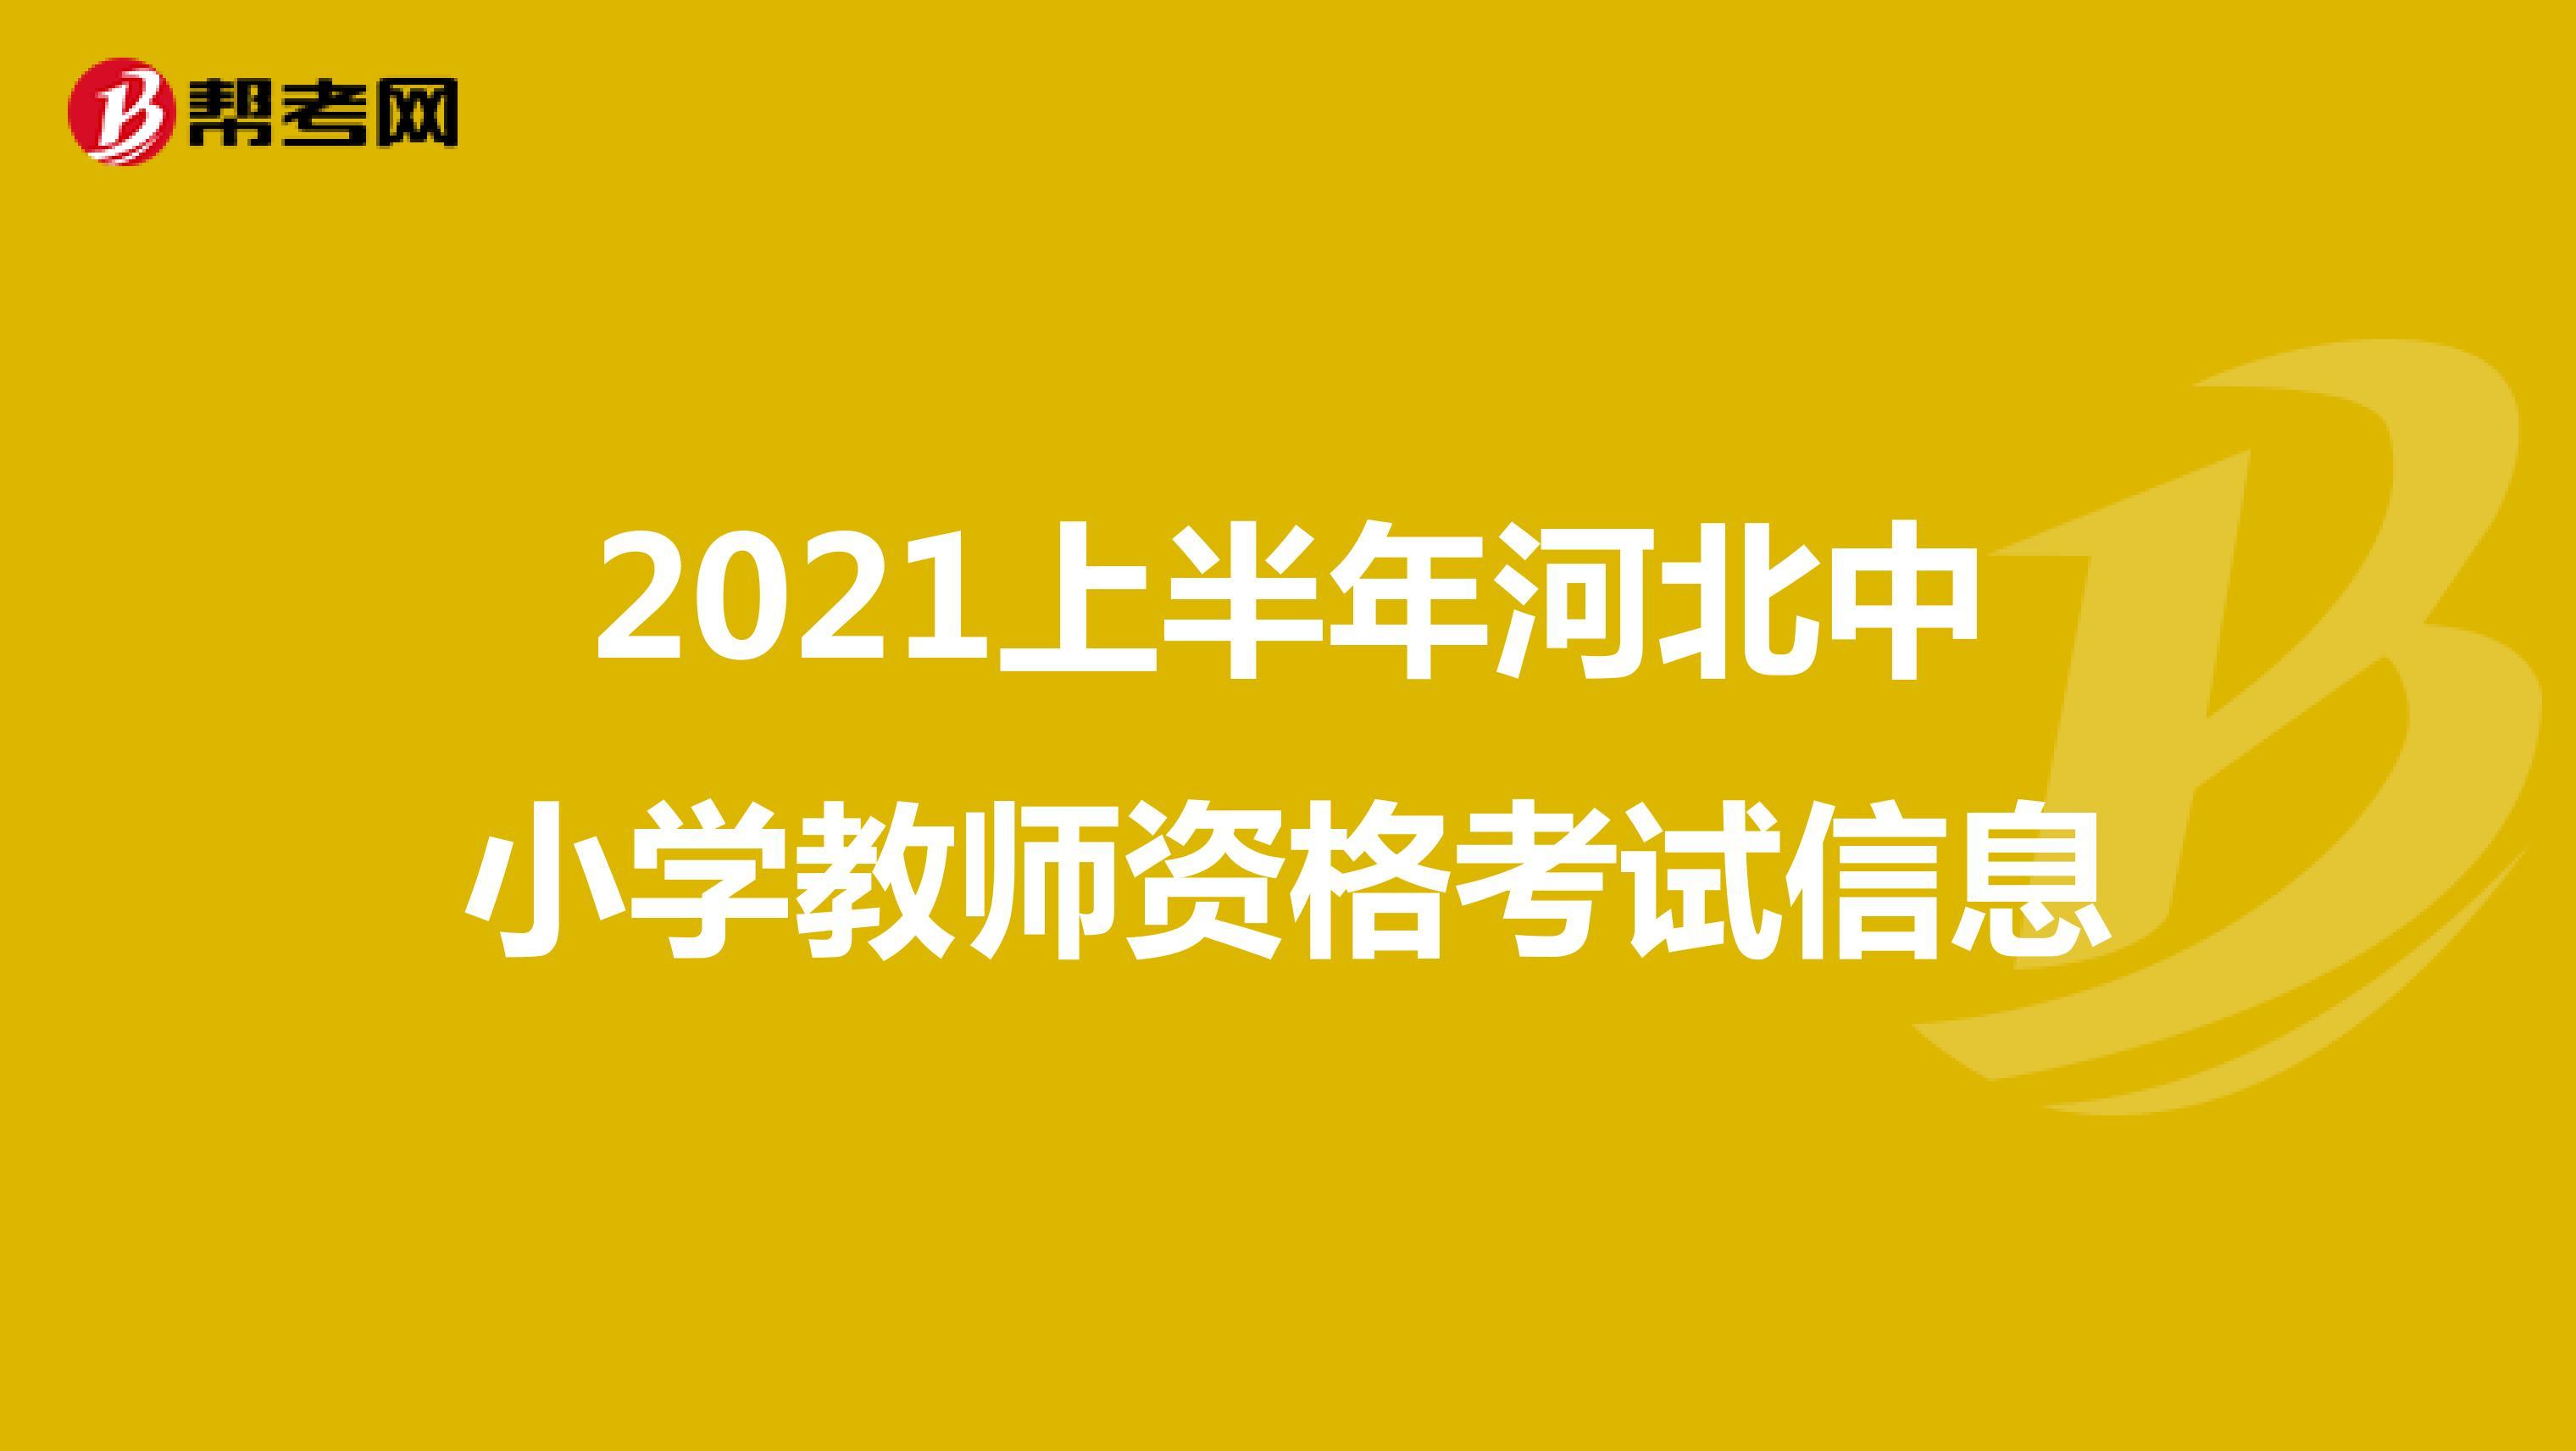 2021上半年河北中小学教师资格考试信息